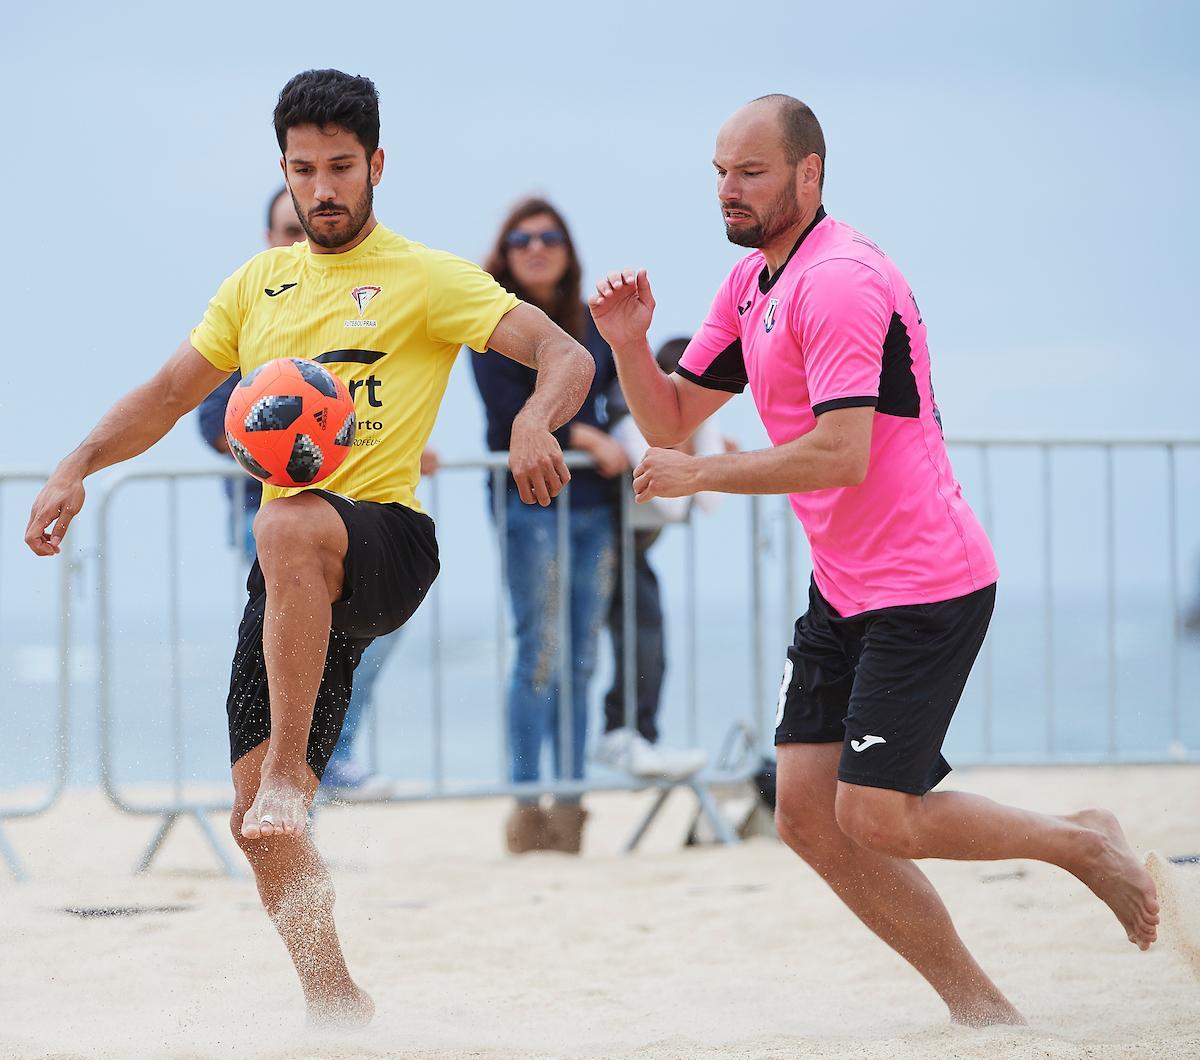 Выбор програл уже в первом раунде плей-офф Кубка европейских чемпионов / beachsoccer.org.ua